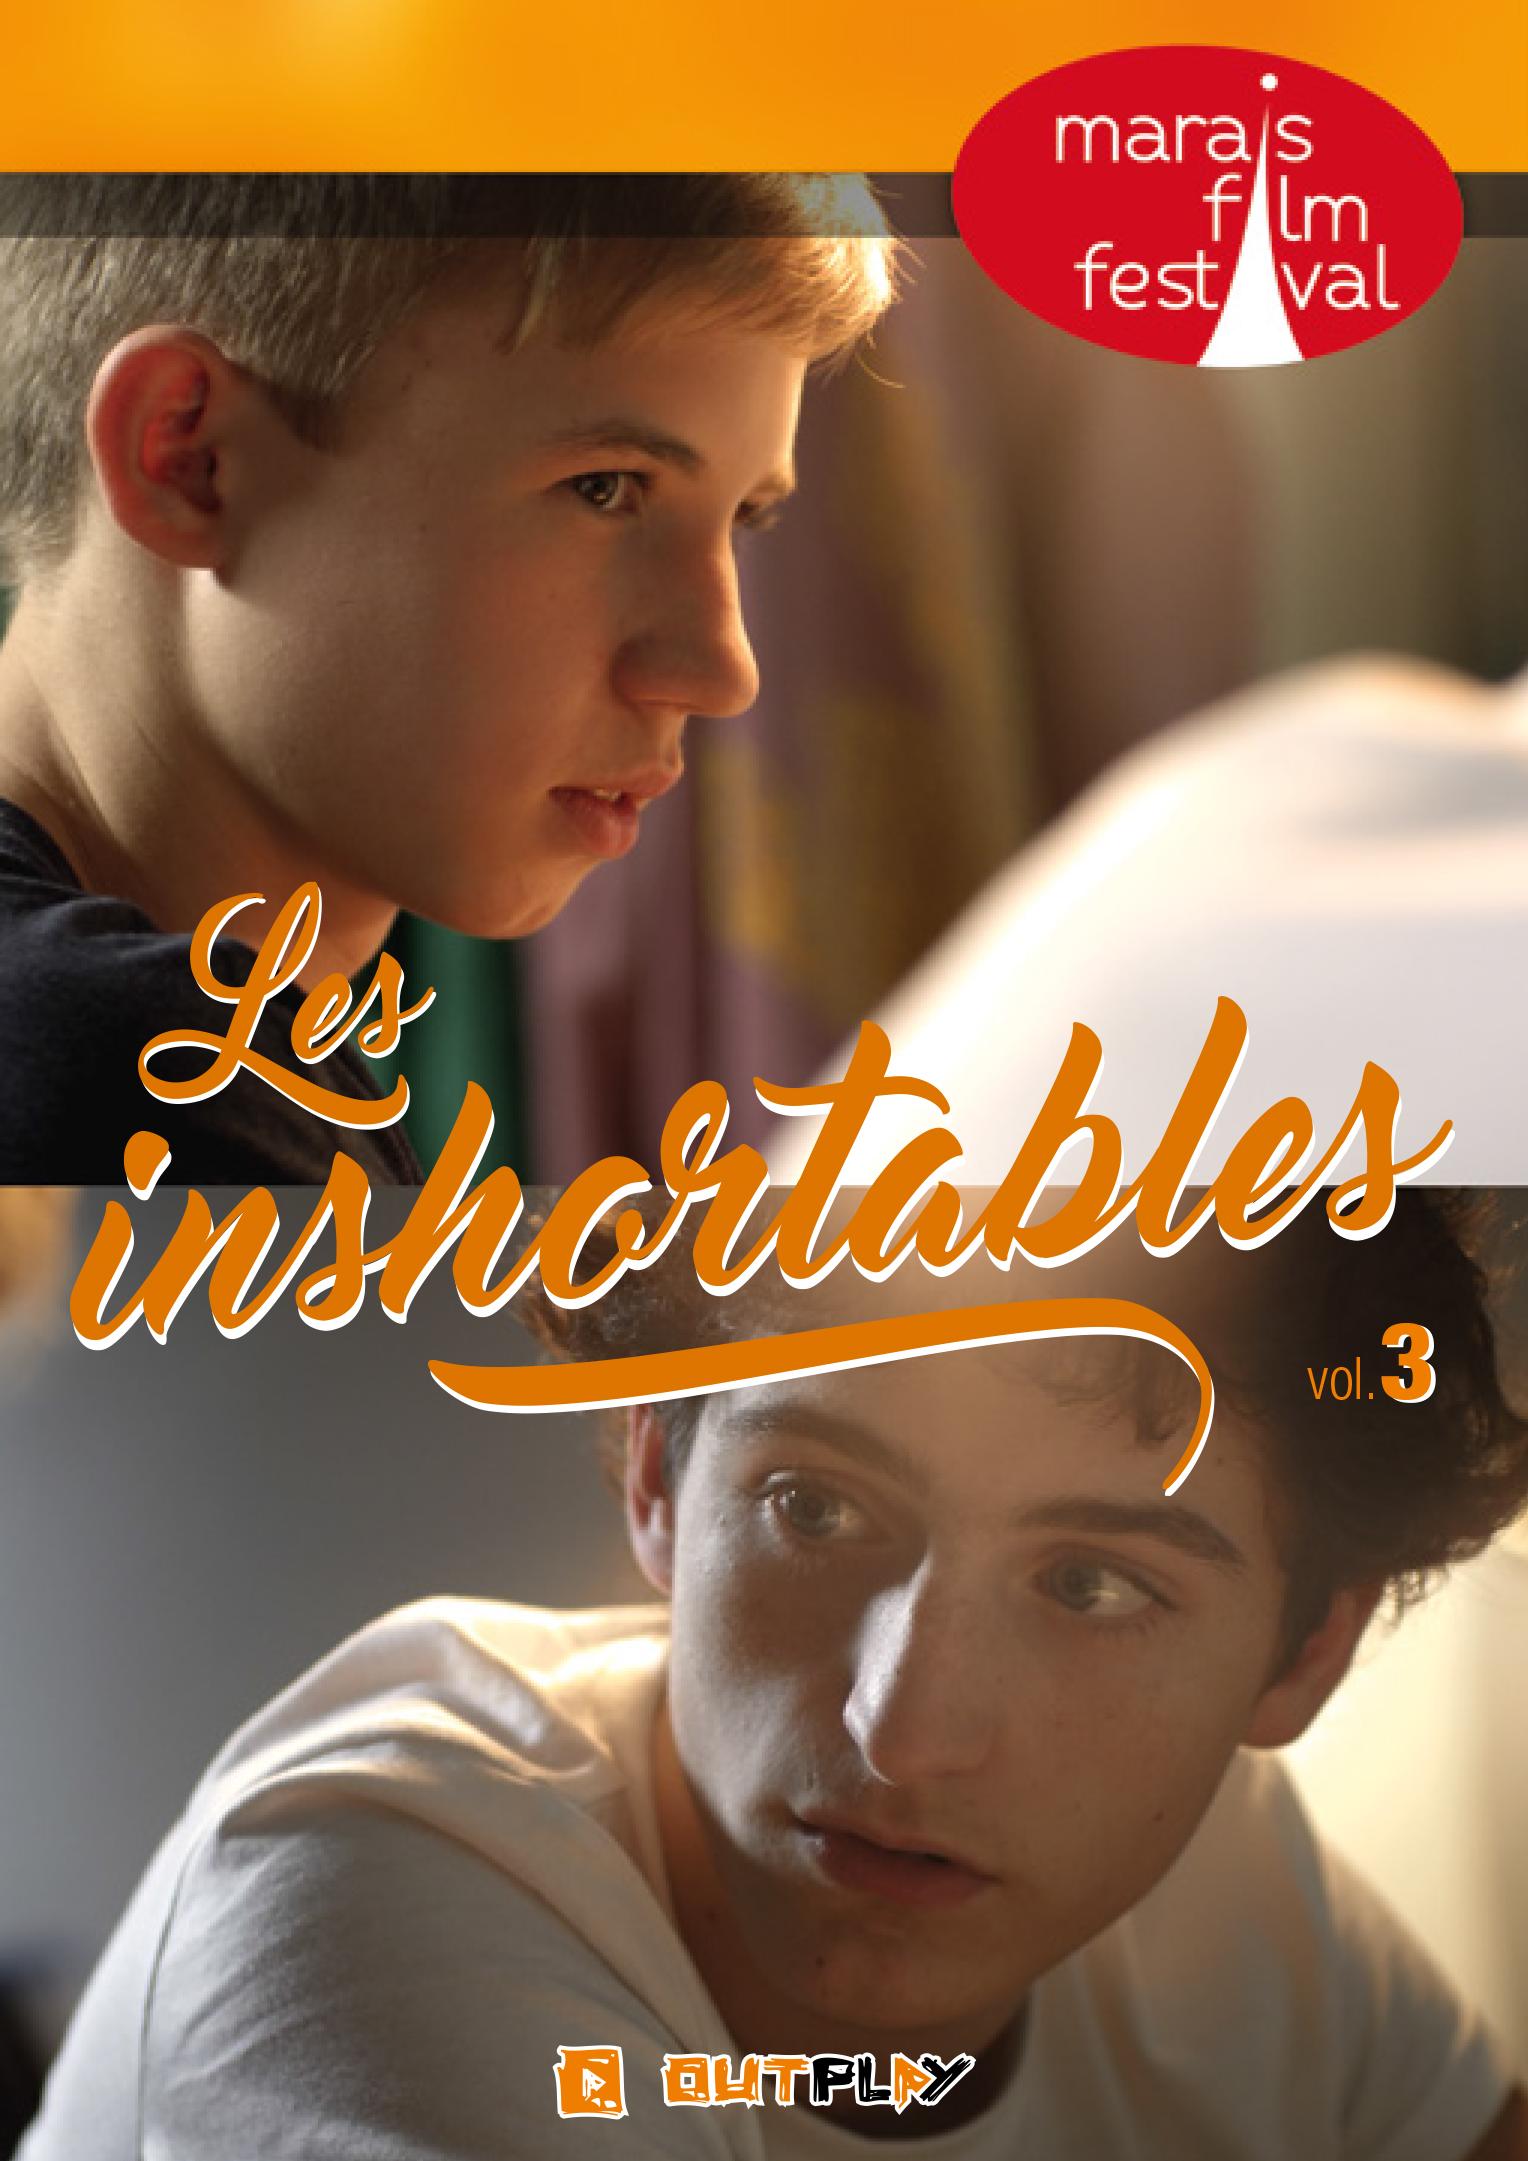 LES INSHORTABLES – Vol.3